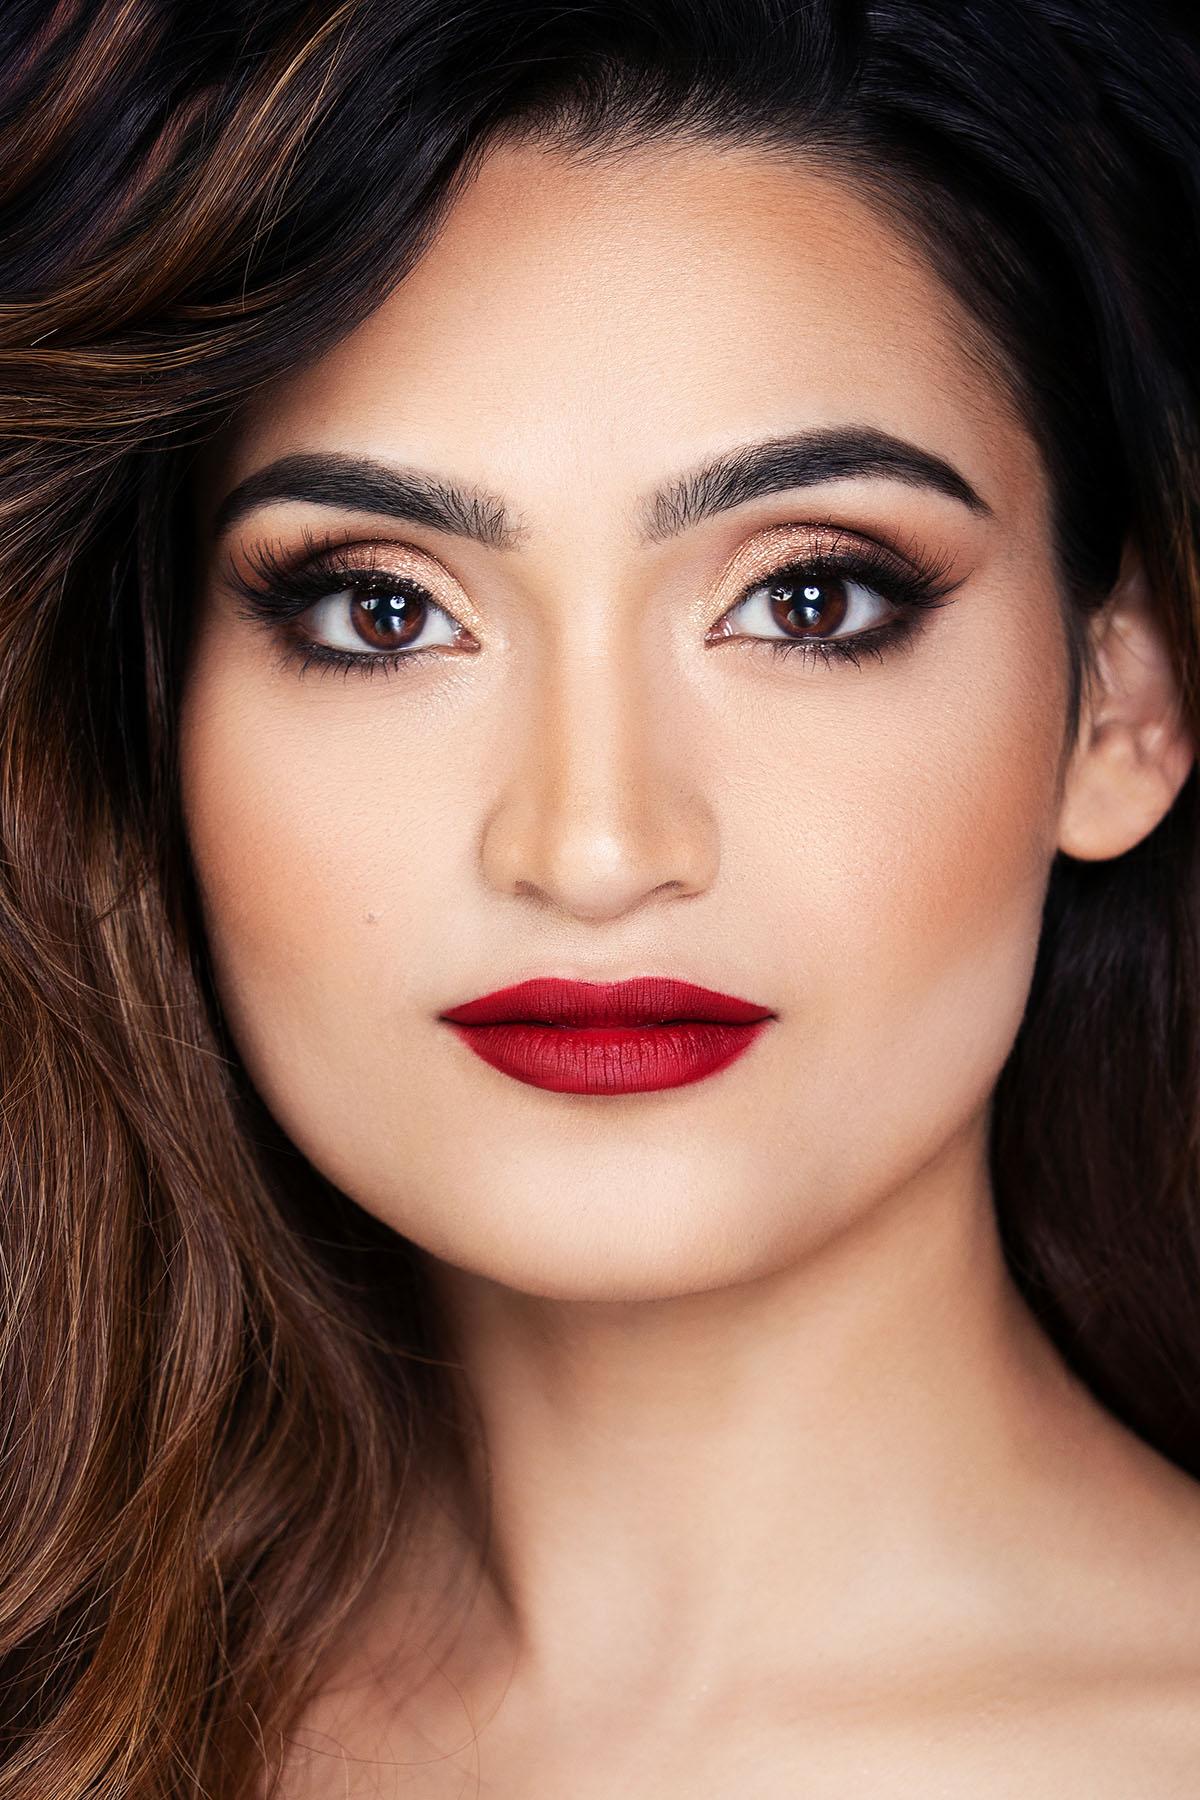 Beauty portrait for Rossano Ferretti Salon by Loesje Kessels Fashion Photographer Dubai